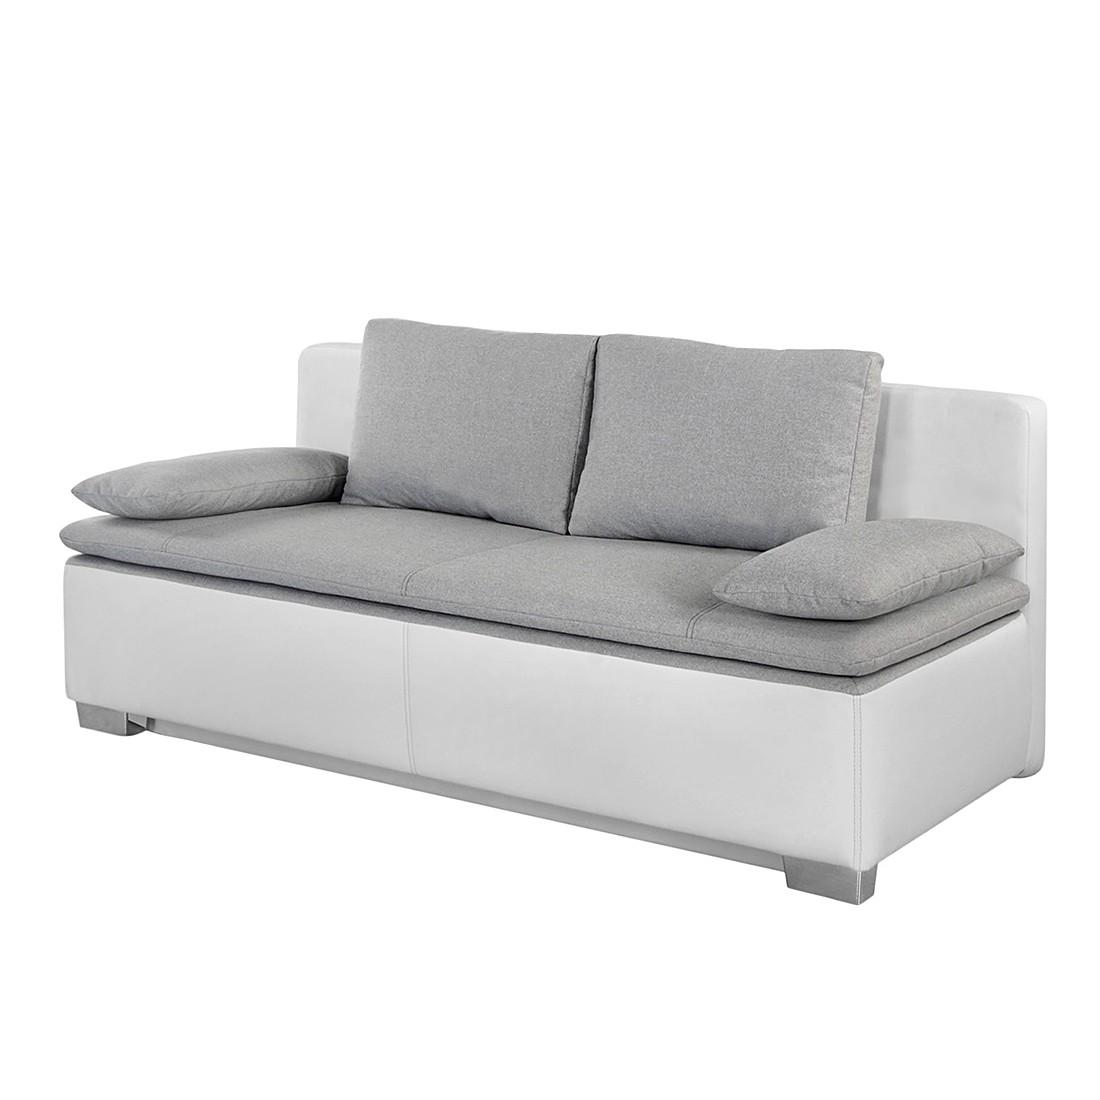 goedkoop Slaapbank Bocono kunstleer geweven stof Wit lichtgrijs Home Design